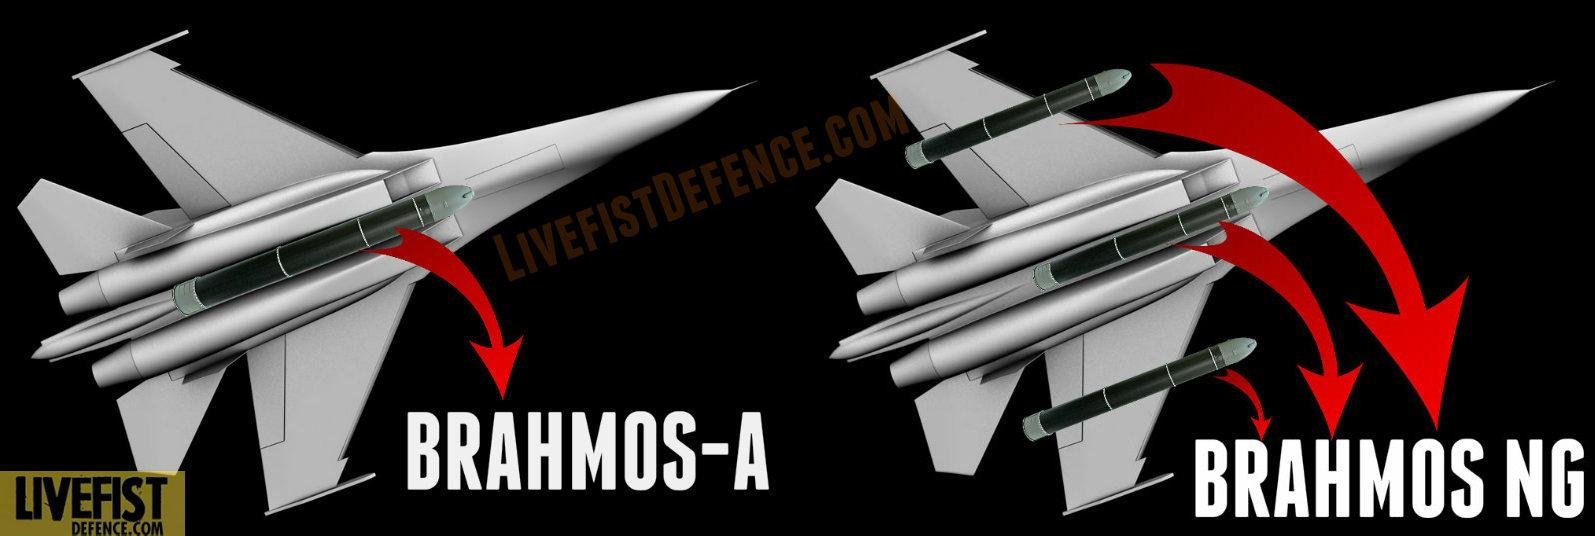 Варианты подвески ракет BrahMos-A и BrahMos-NG на истребителе Су-30МКИ (с) livefistdefence.com